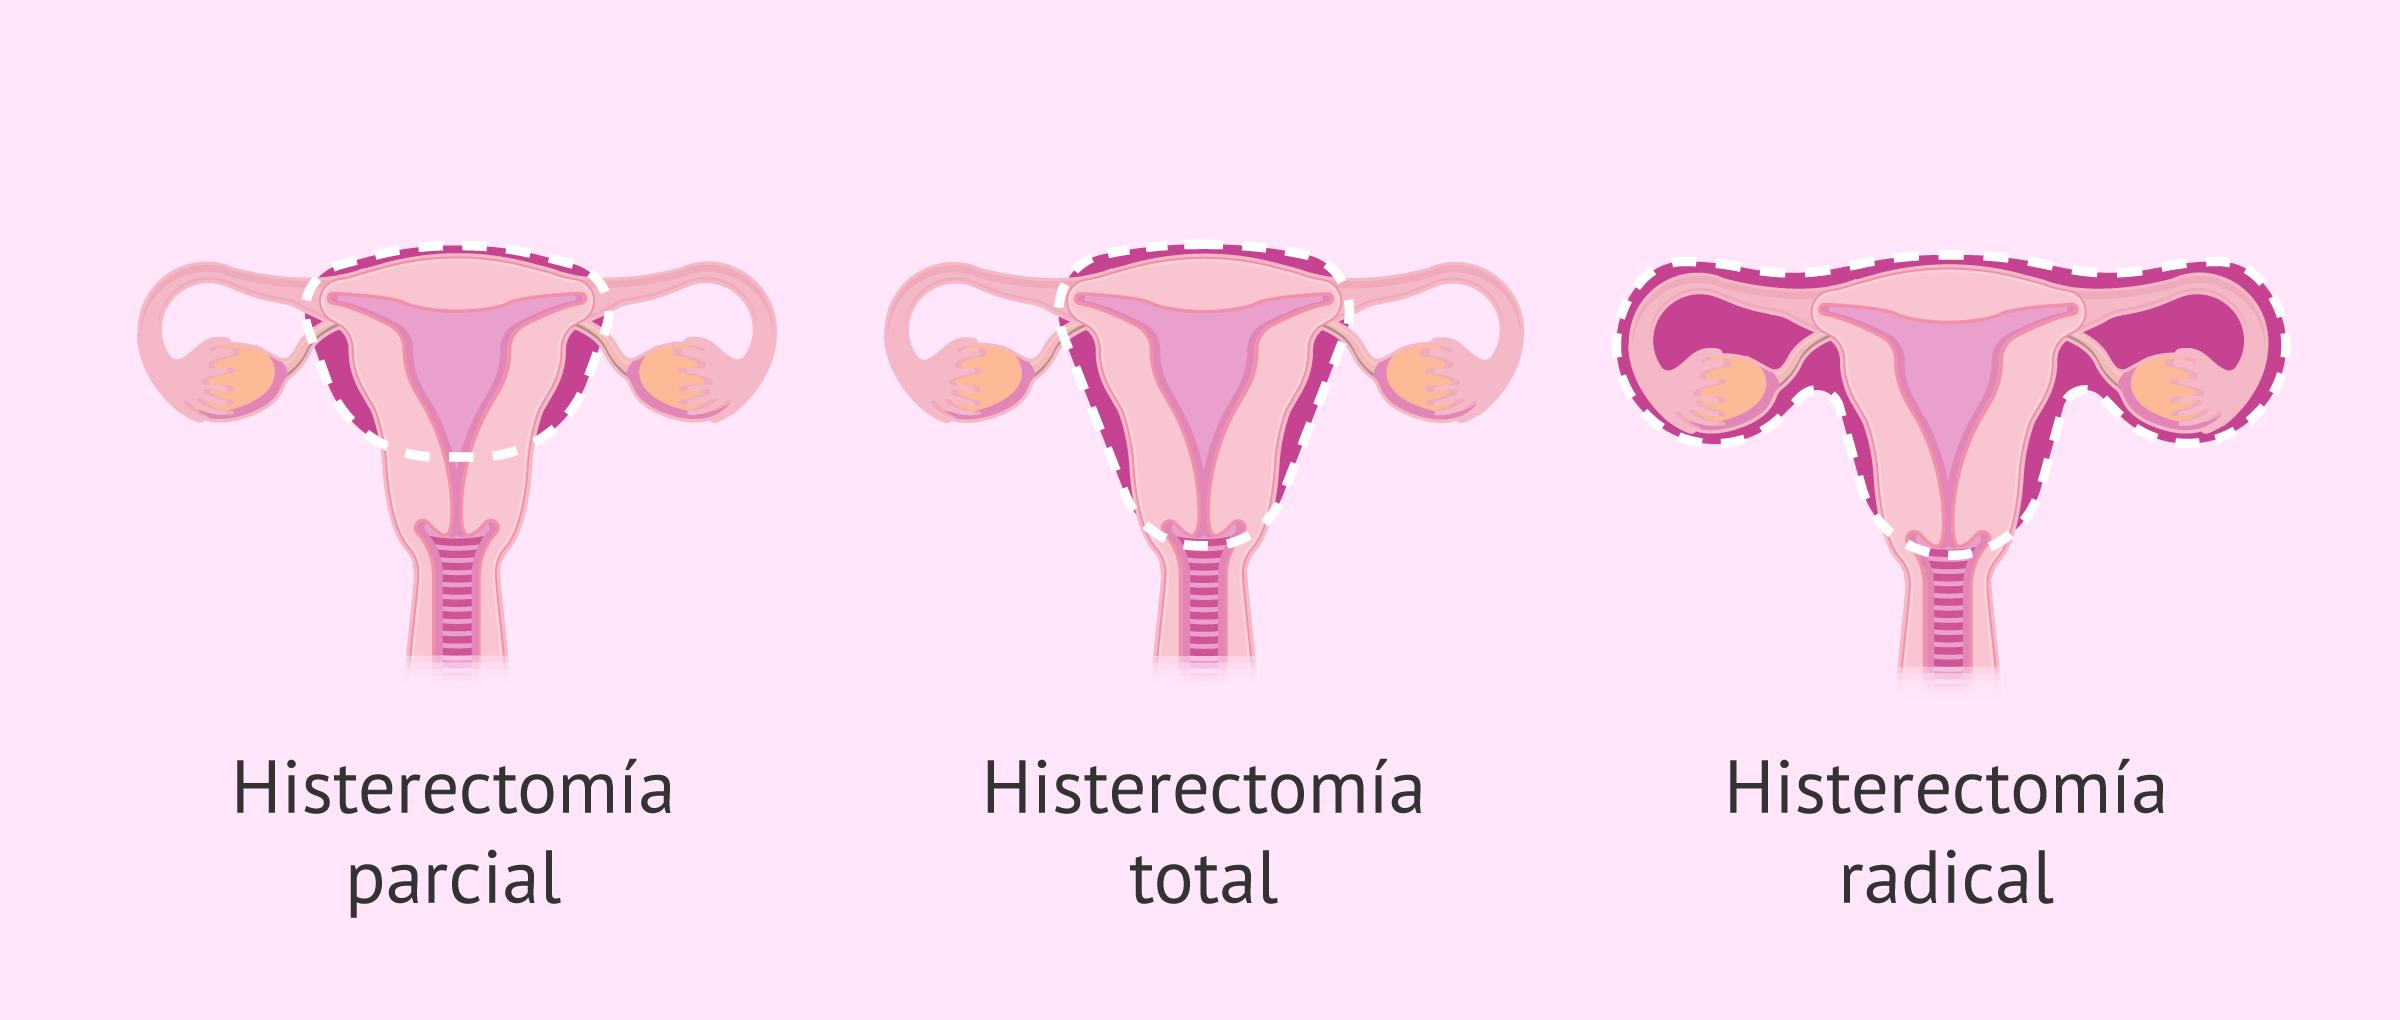 ¿Cómo se puede ser madre tras una histerectomía?